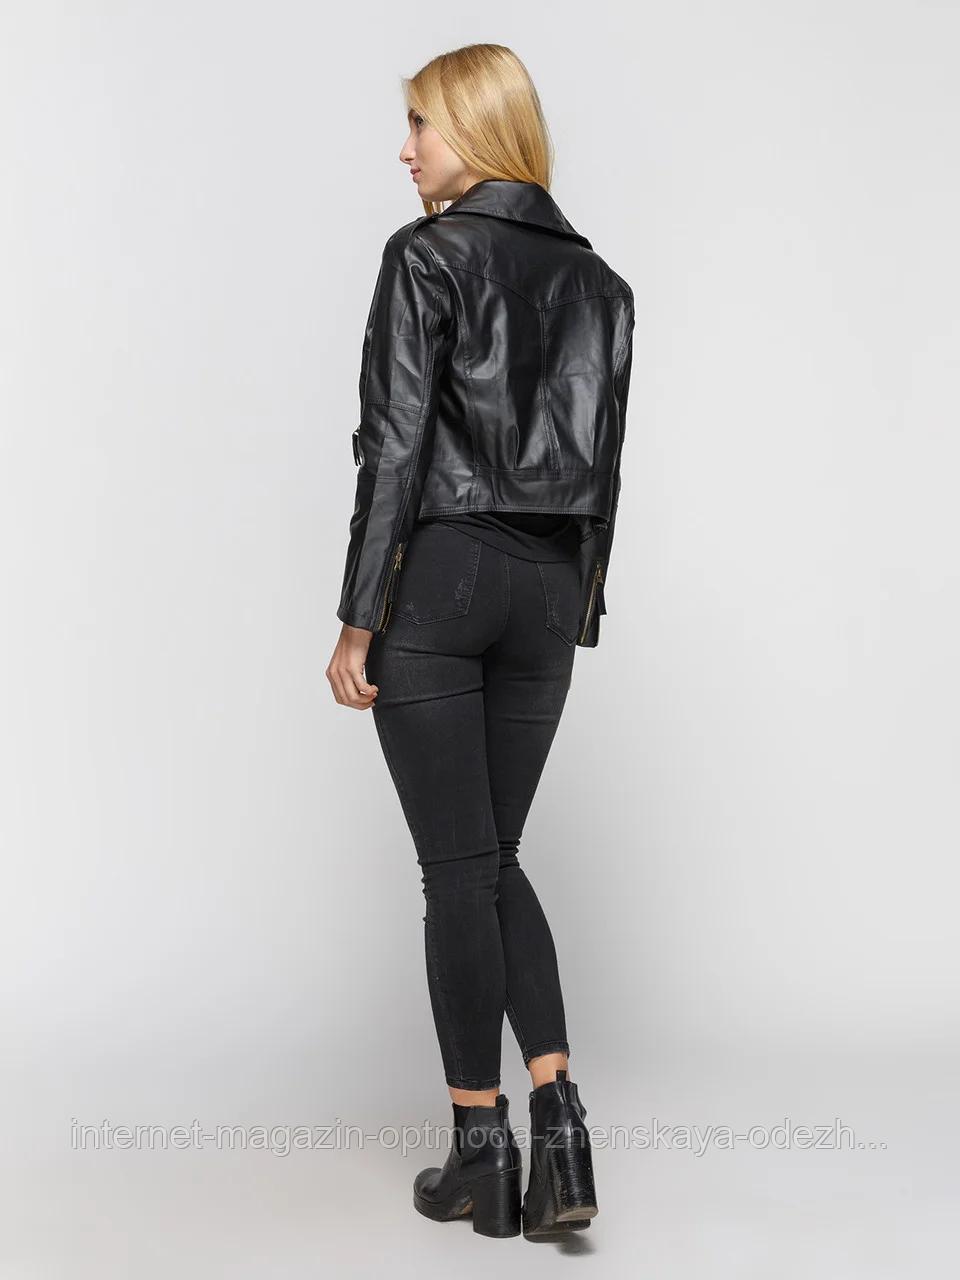 Кожаная куртка женская косуха черная и пудра